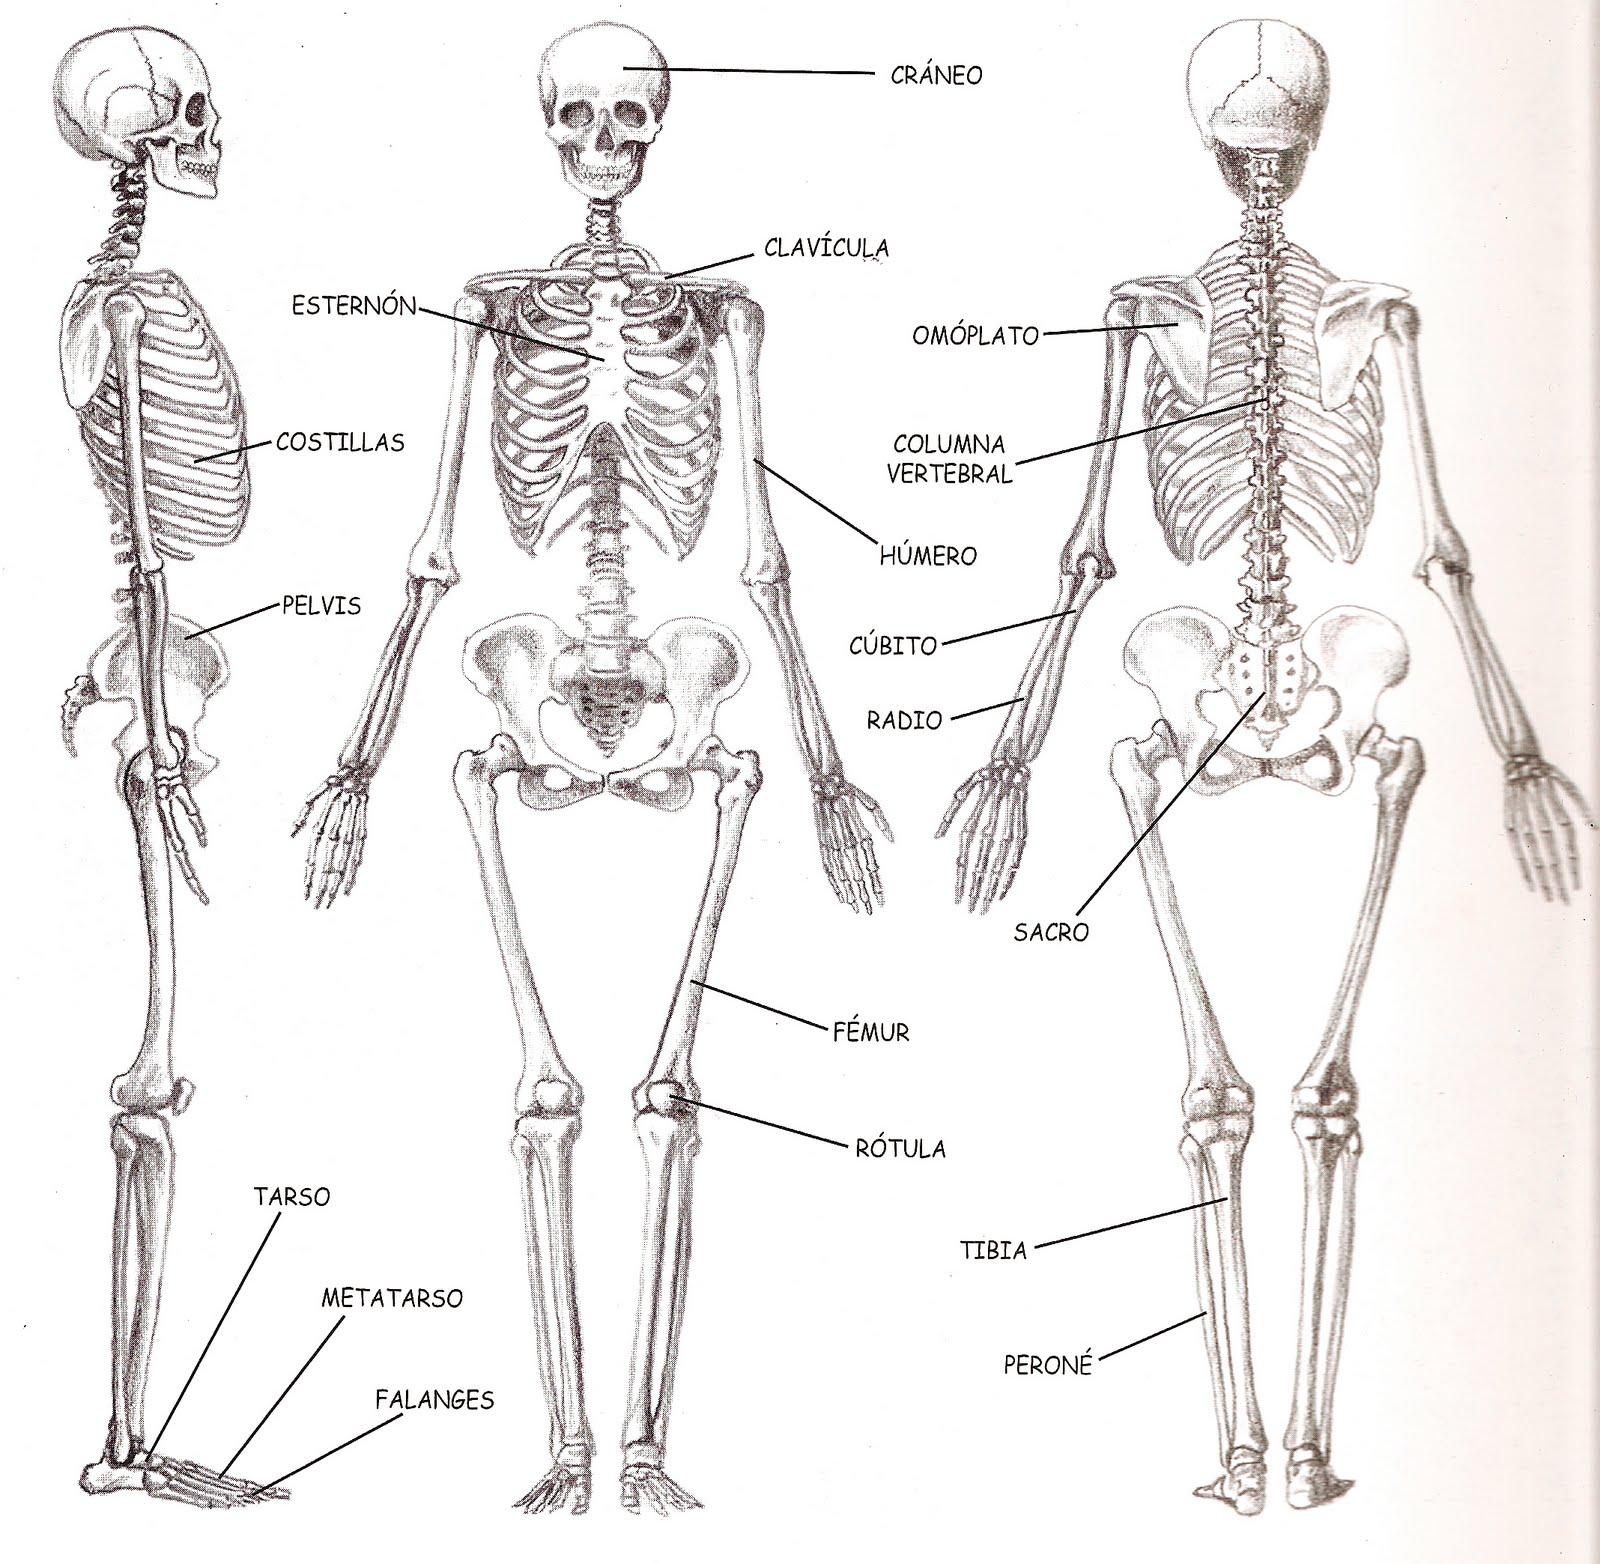 Imagenes De Un Esqueleto Humano Y Sus Partes